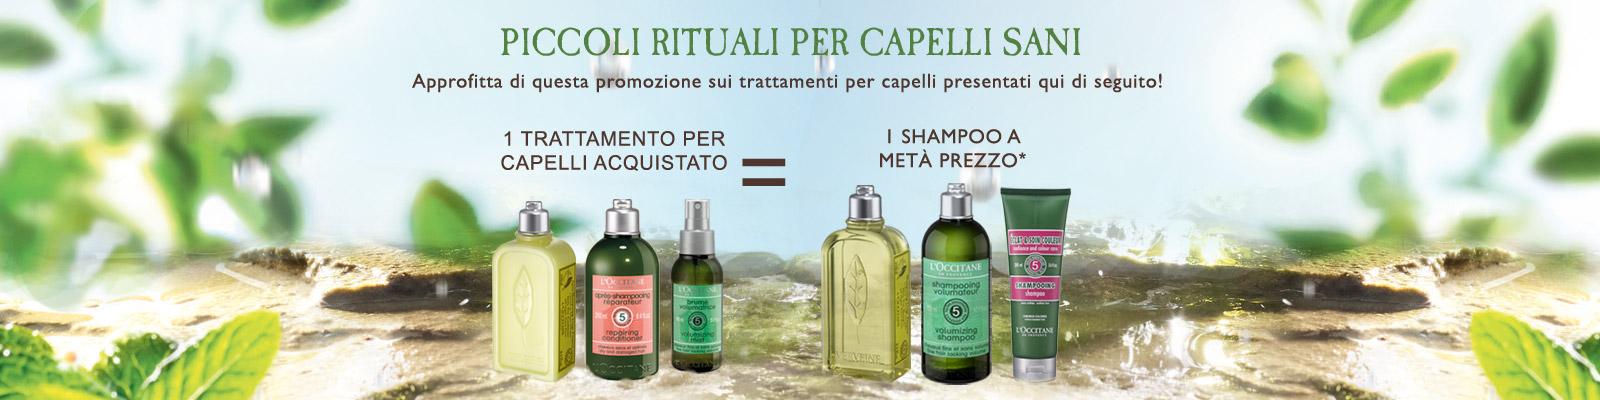 Piccoli rituali per capelli sani - L'Occitane